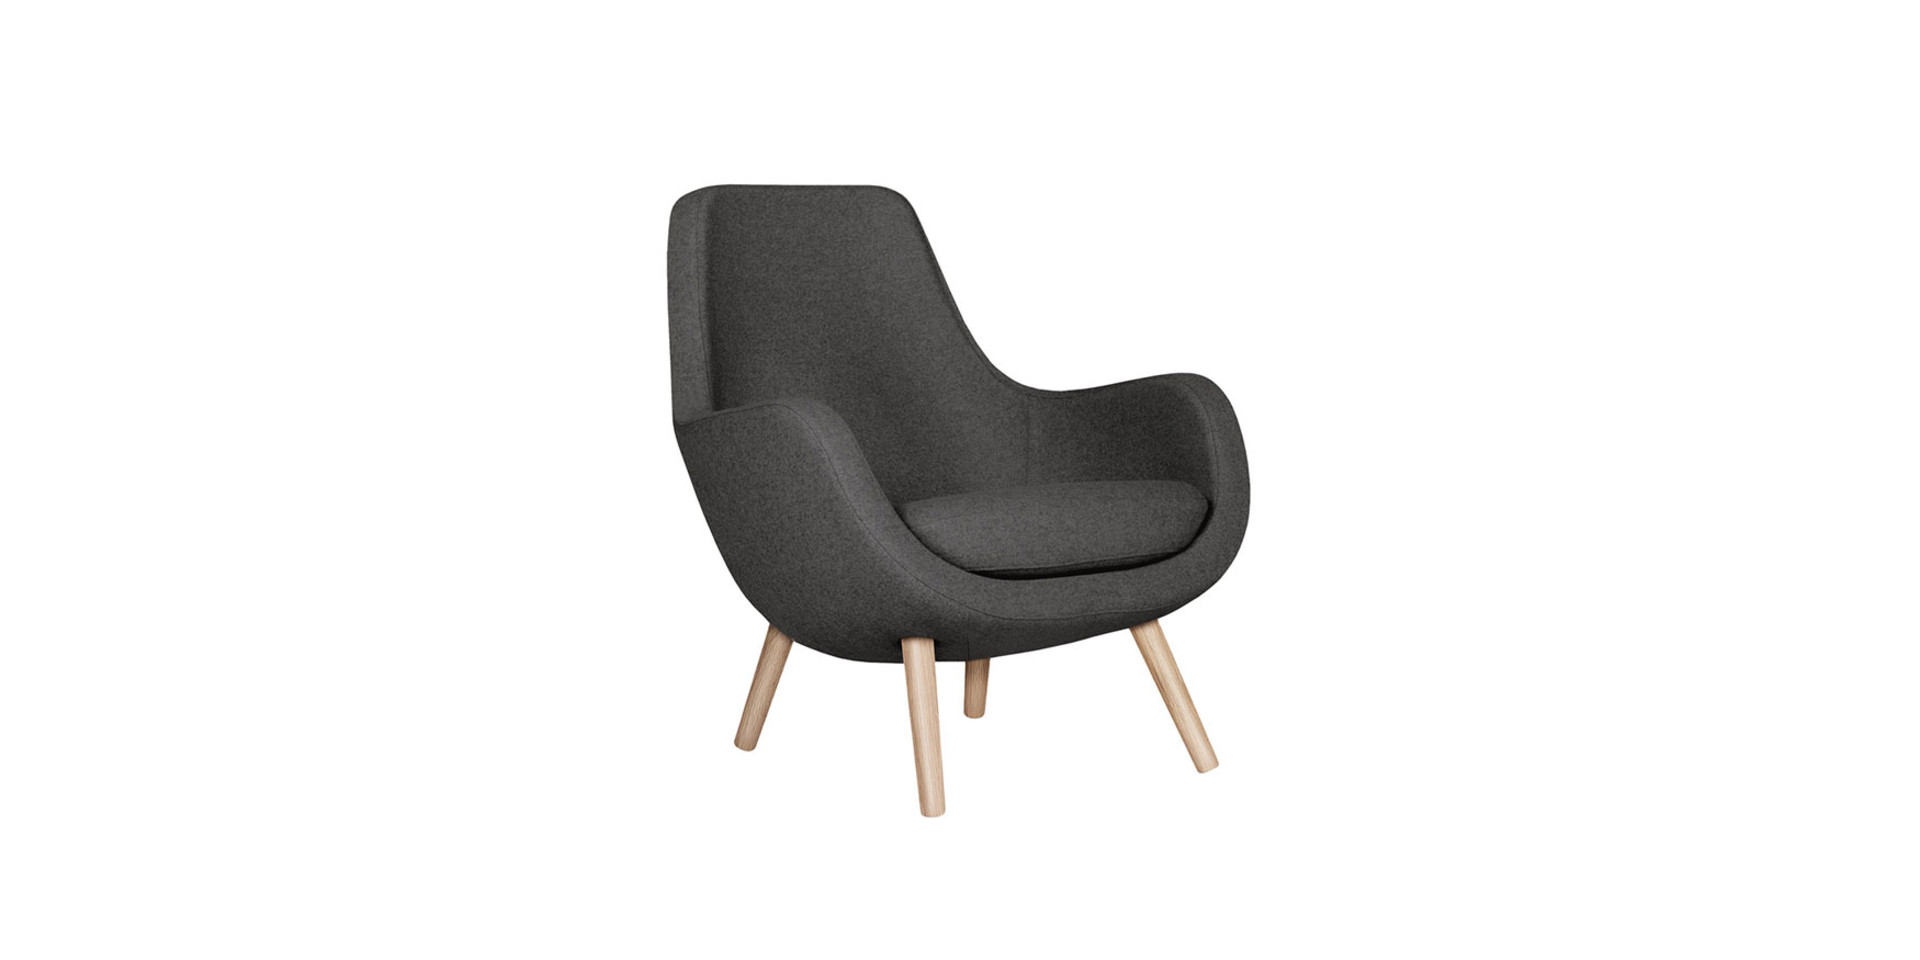 sits-stefani-fauteuil-panno1002_charcoal_2